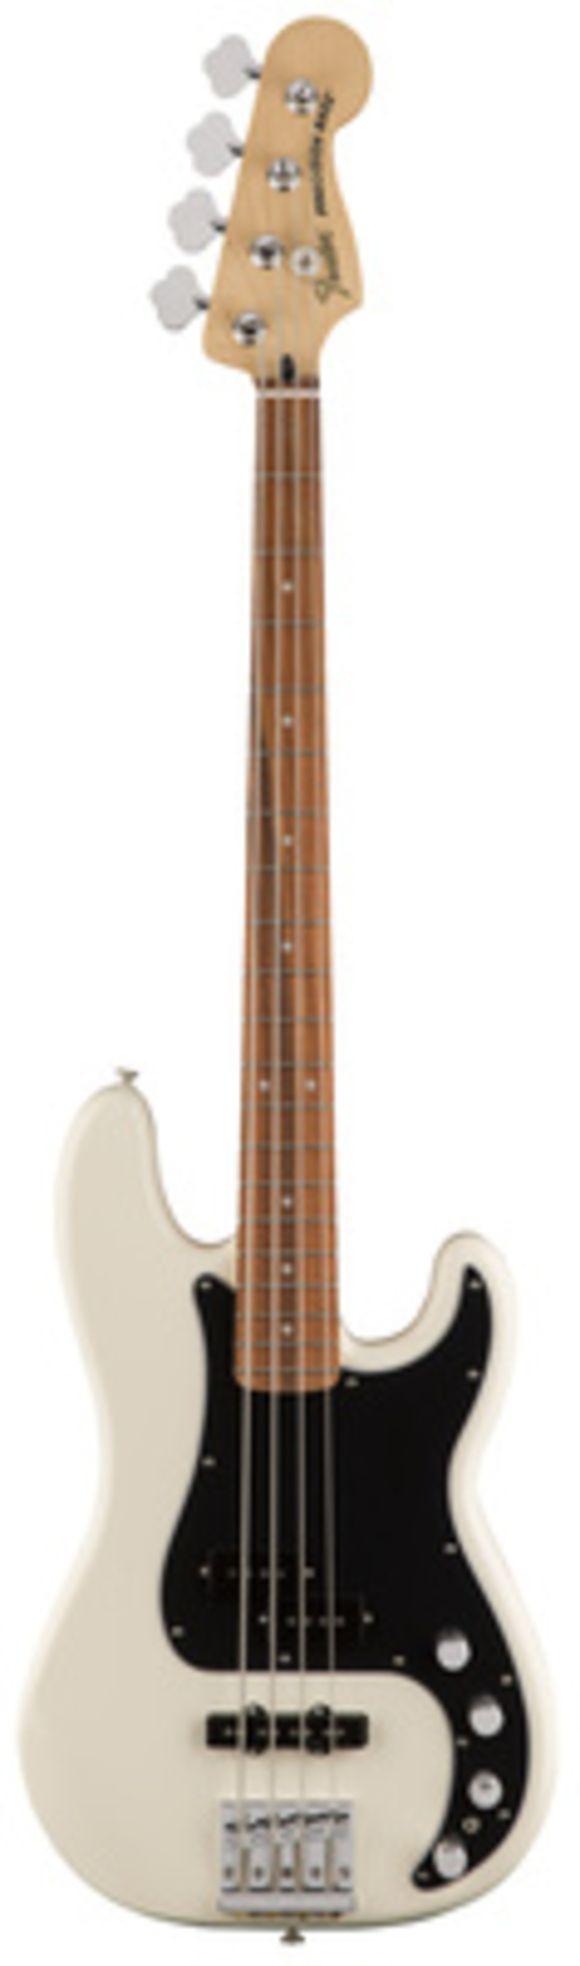 DLX P Bass Special OWT PF Fender